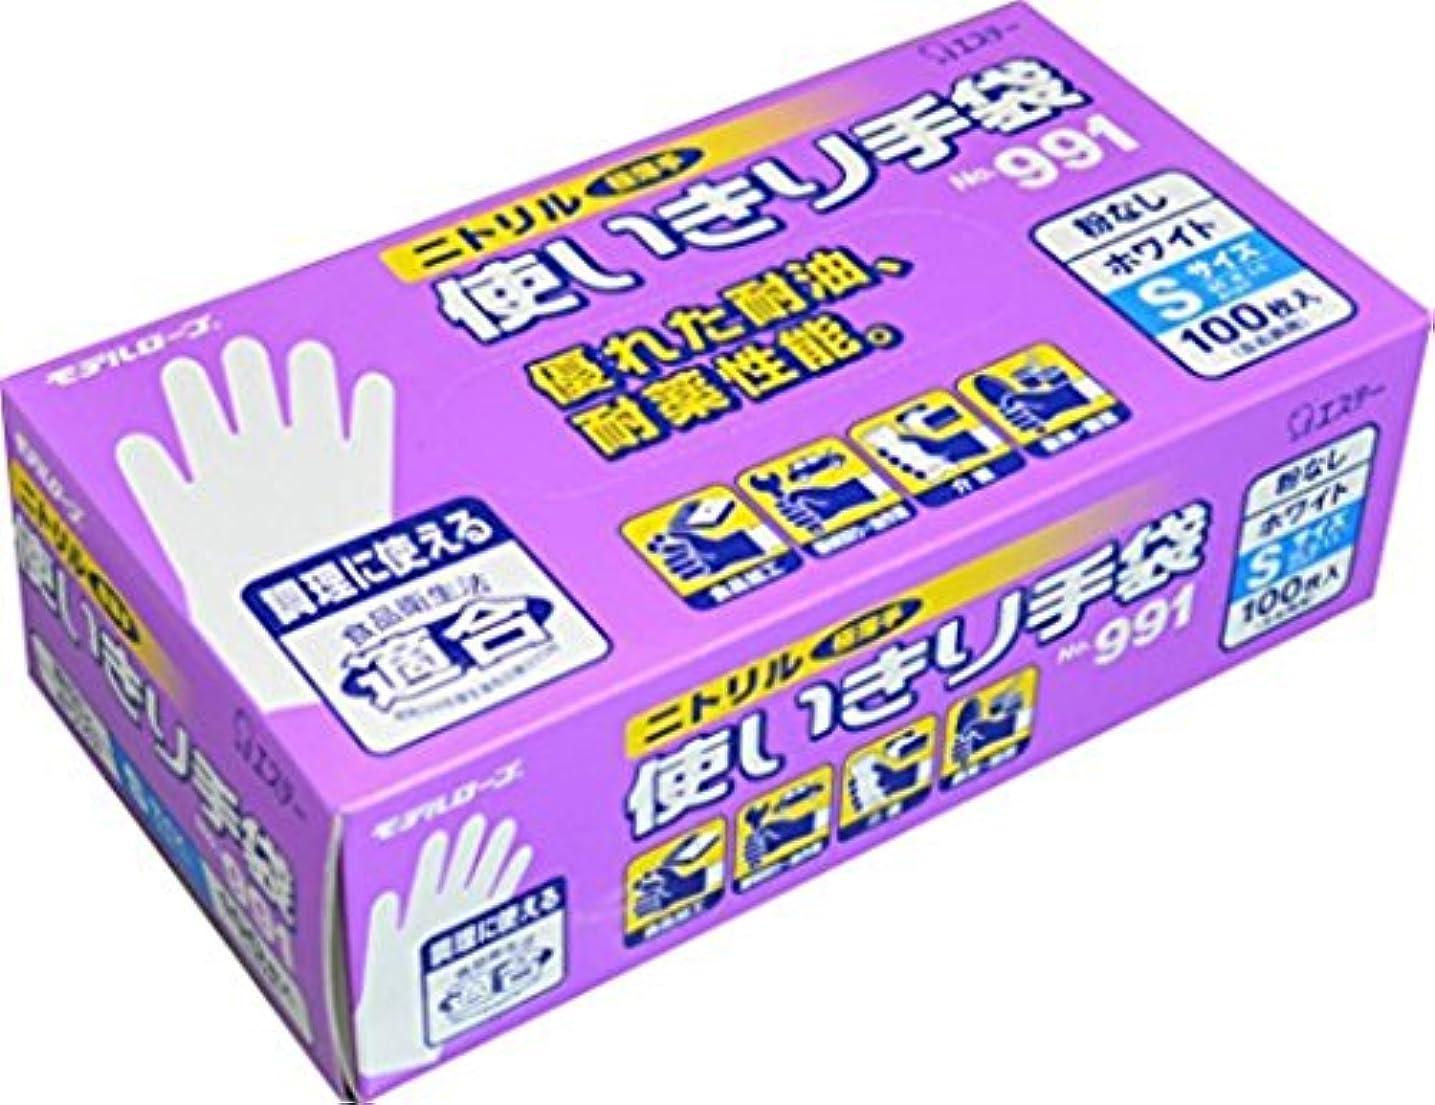 ネットベルベット熟す(まとめ買い)エステー ニトリル使いきり手袋粉無No.991ホワイトS 100枚【×2セット】